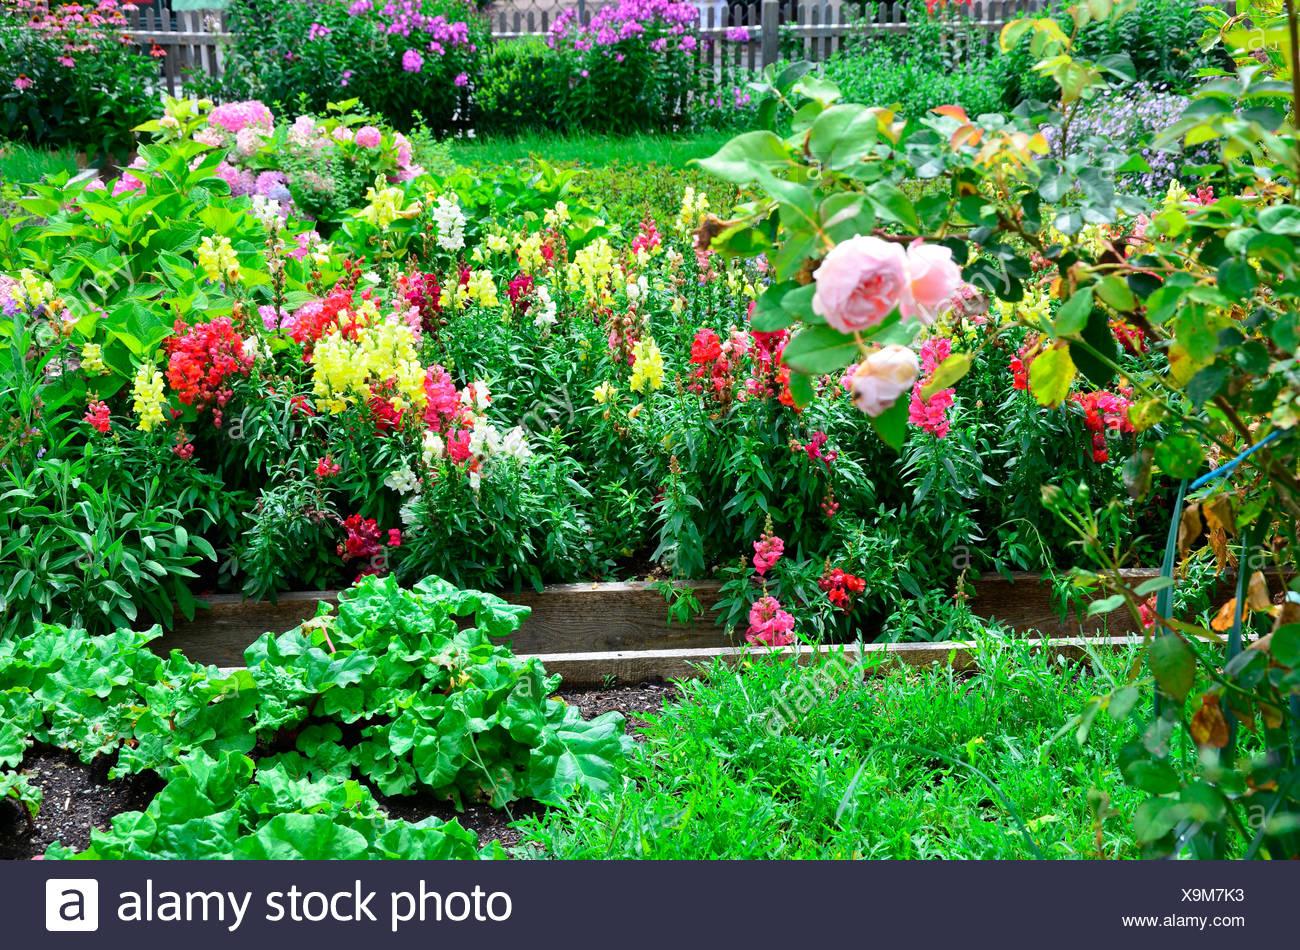 Beste Blumengarten Färbung Bilder Zeitgenössisch - Druckbare ...